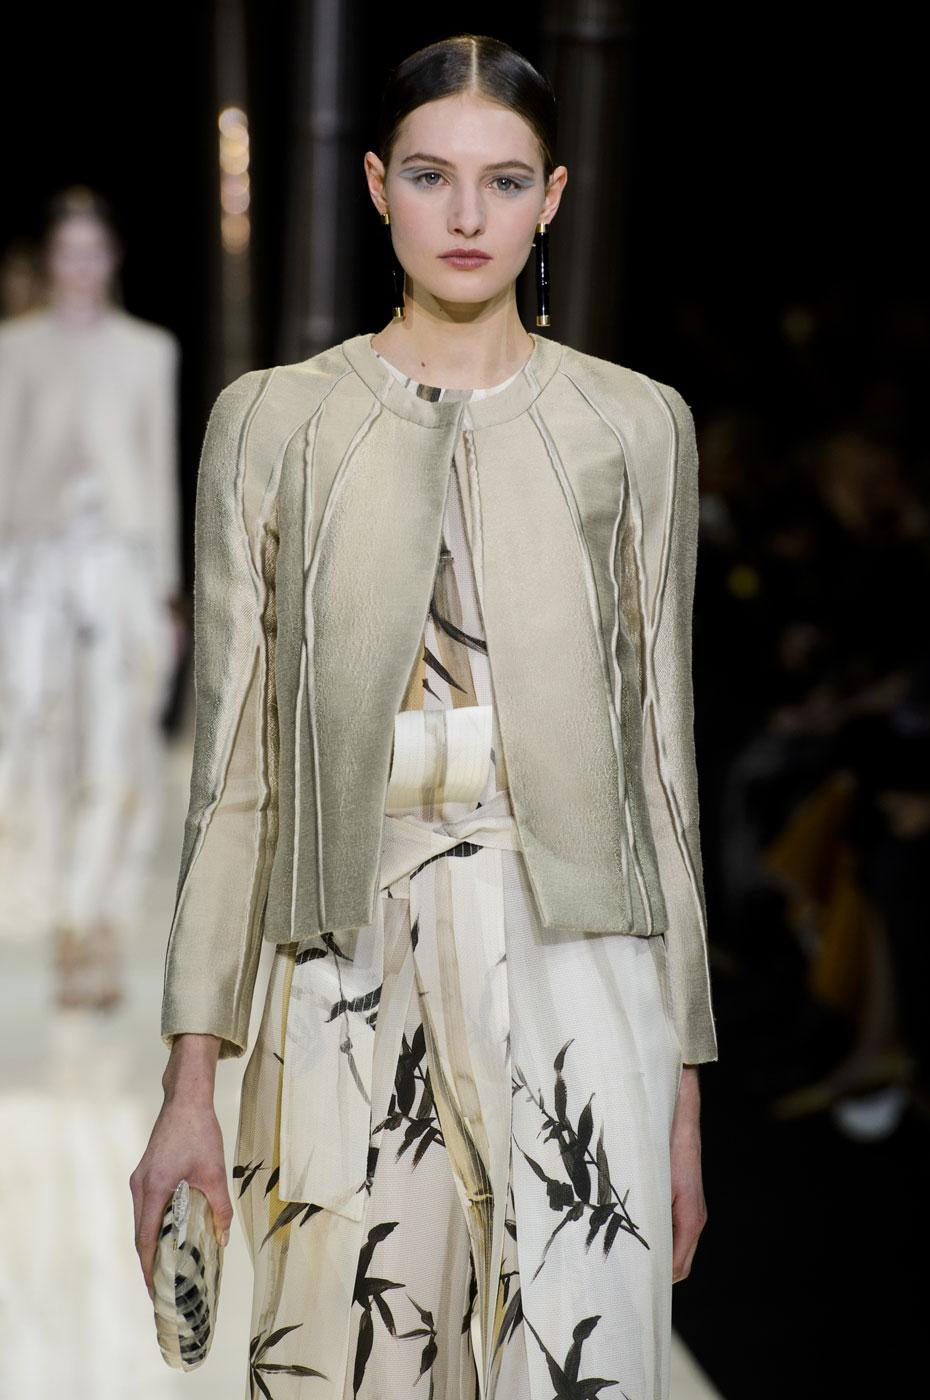 Giorgio-armani-Prive-fashion-runway-show-haute-couture-paris-spring-2015-the-impression-012